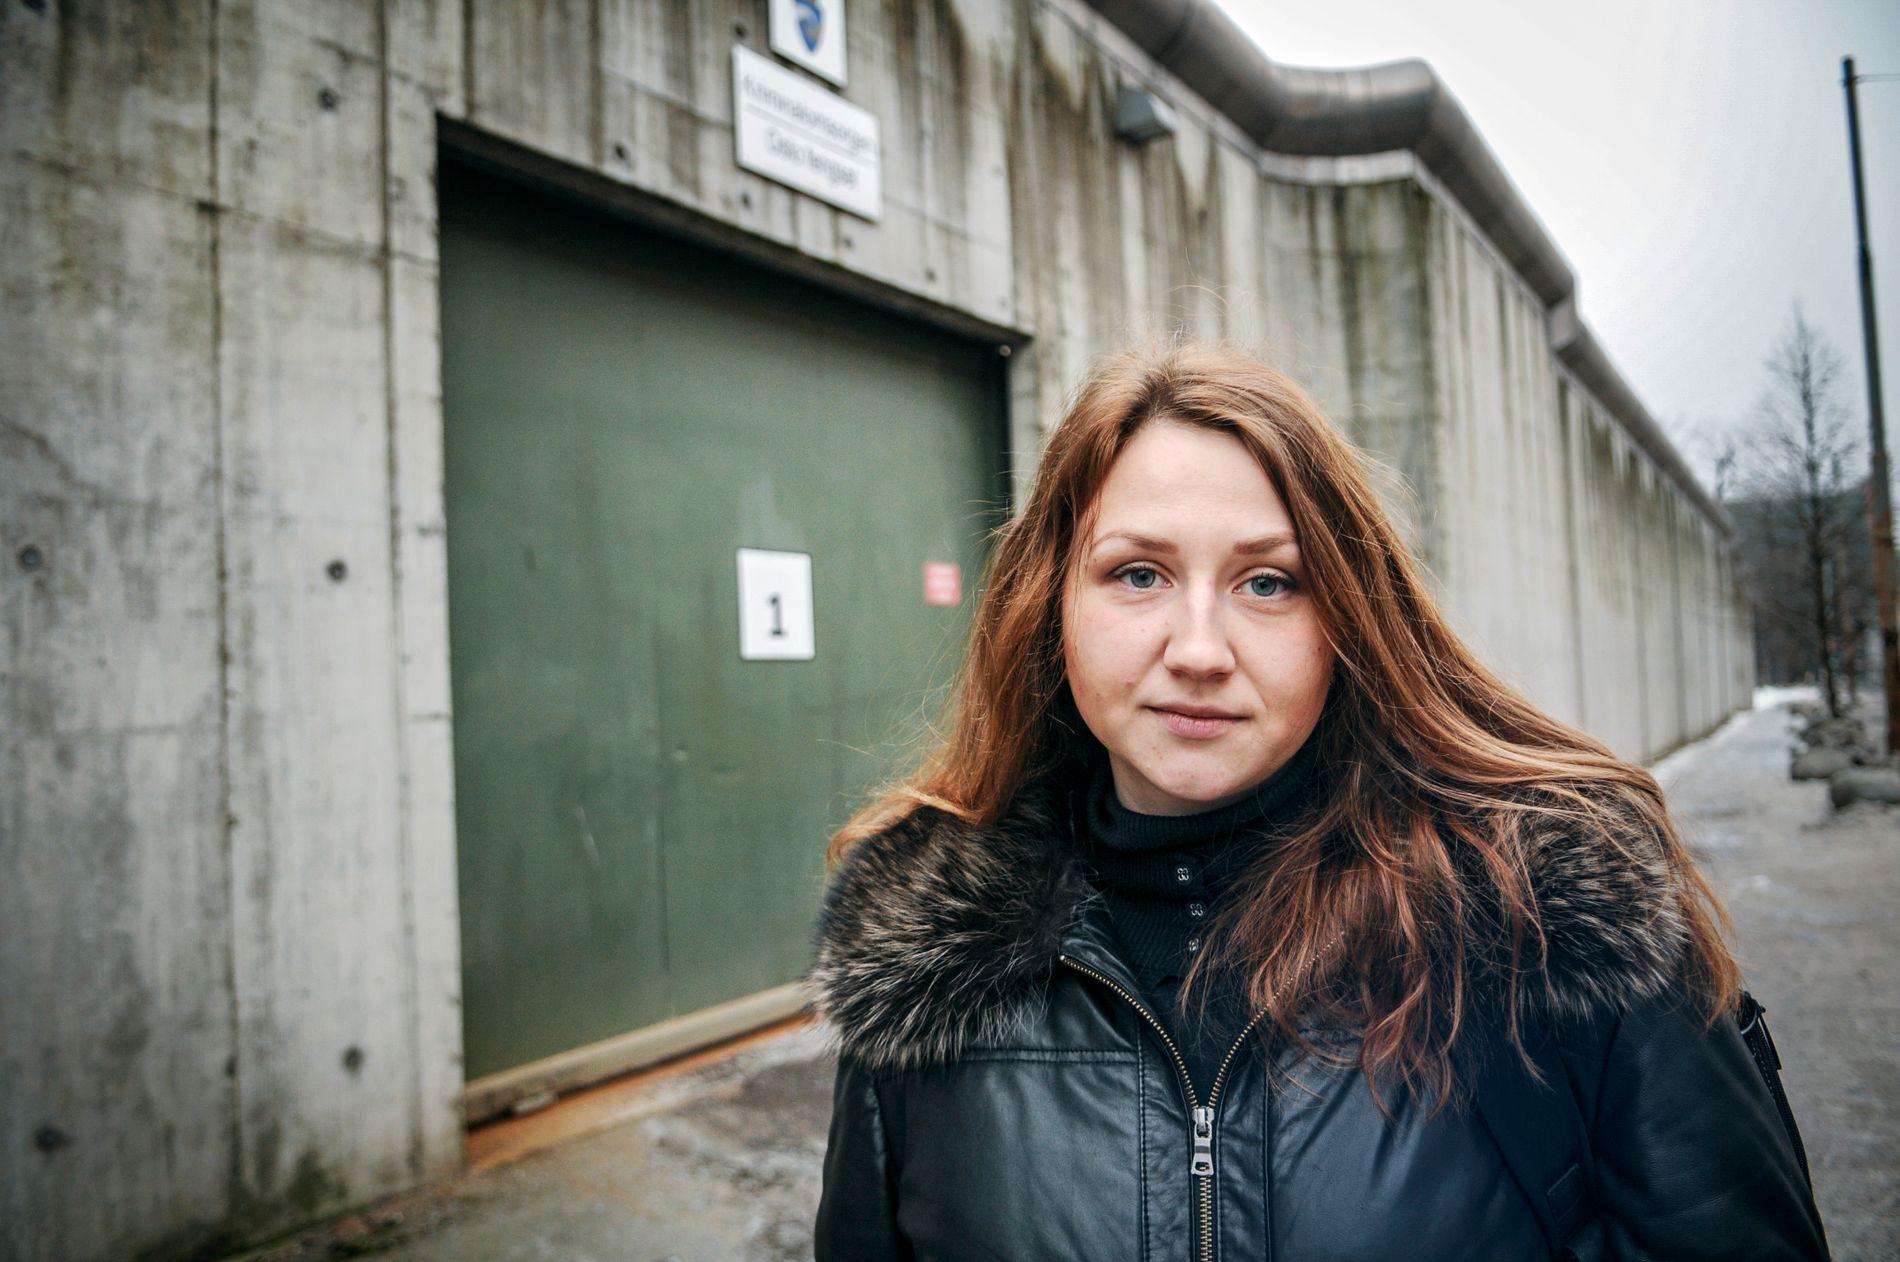 BESØKER FENGSLER: Anastasia Garina er russisk jurist, tidligere politietterforsker og sitter i den offentlige Overvåkningskommisjonen for fengsler i Russland. Her er hun fotografert utenfor Oslo fengsel.